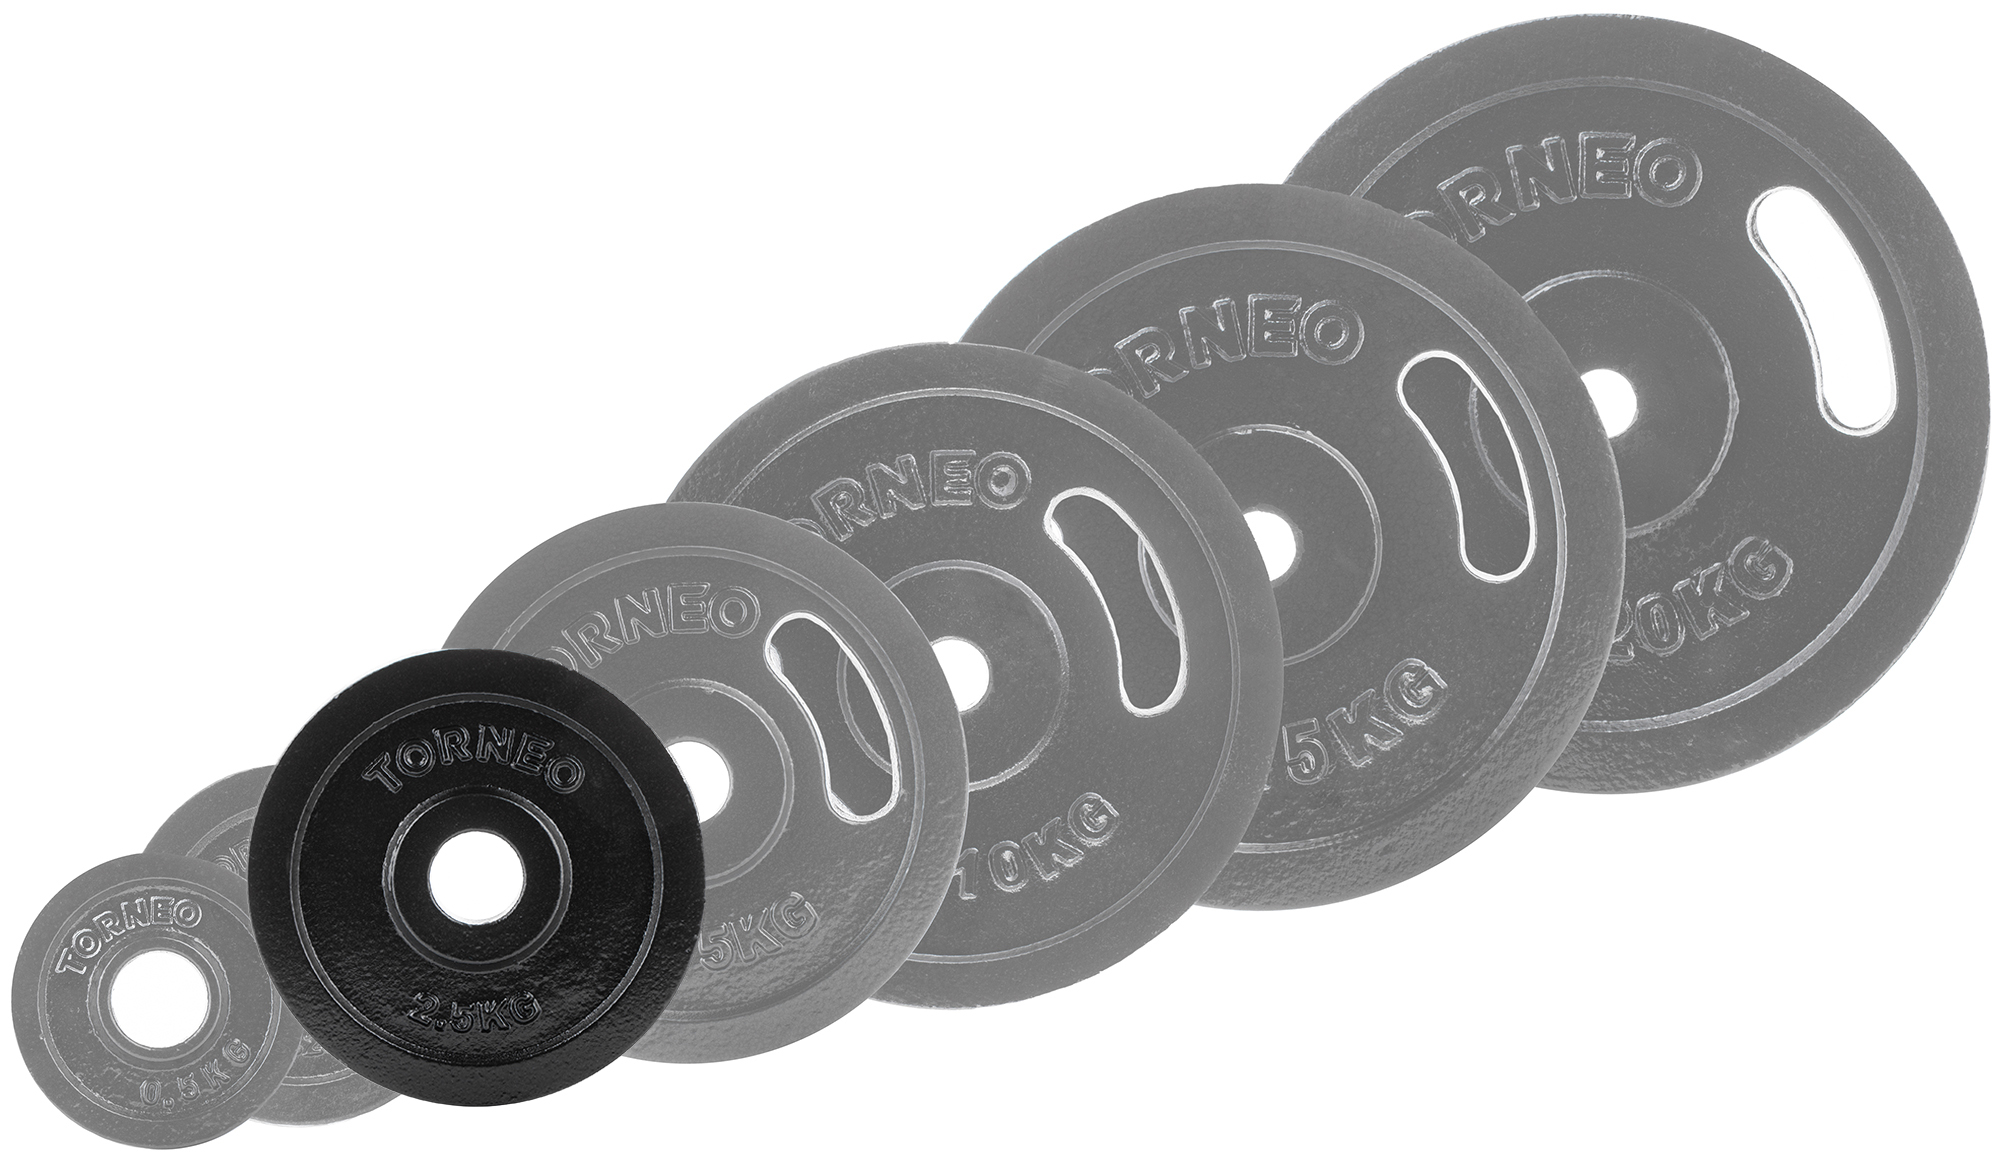 Torneo Блин Torneo стальной, 2,5 кг поддон стальной эмалированный practic 900х900х160 мм